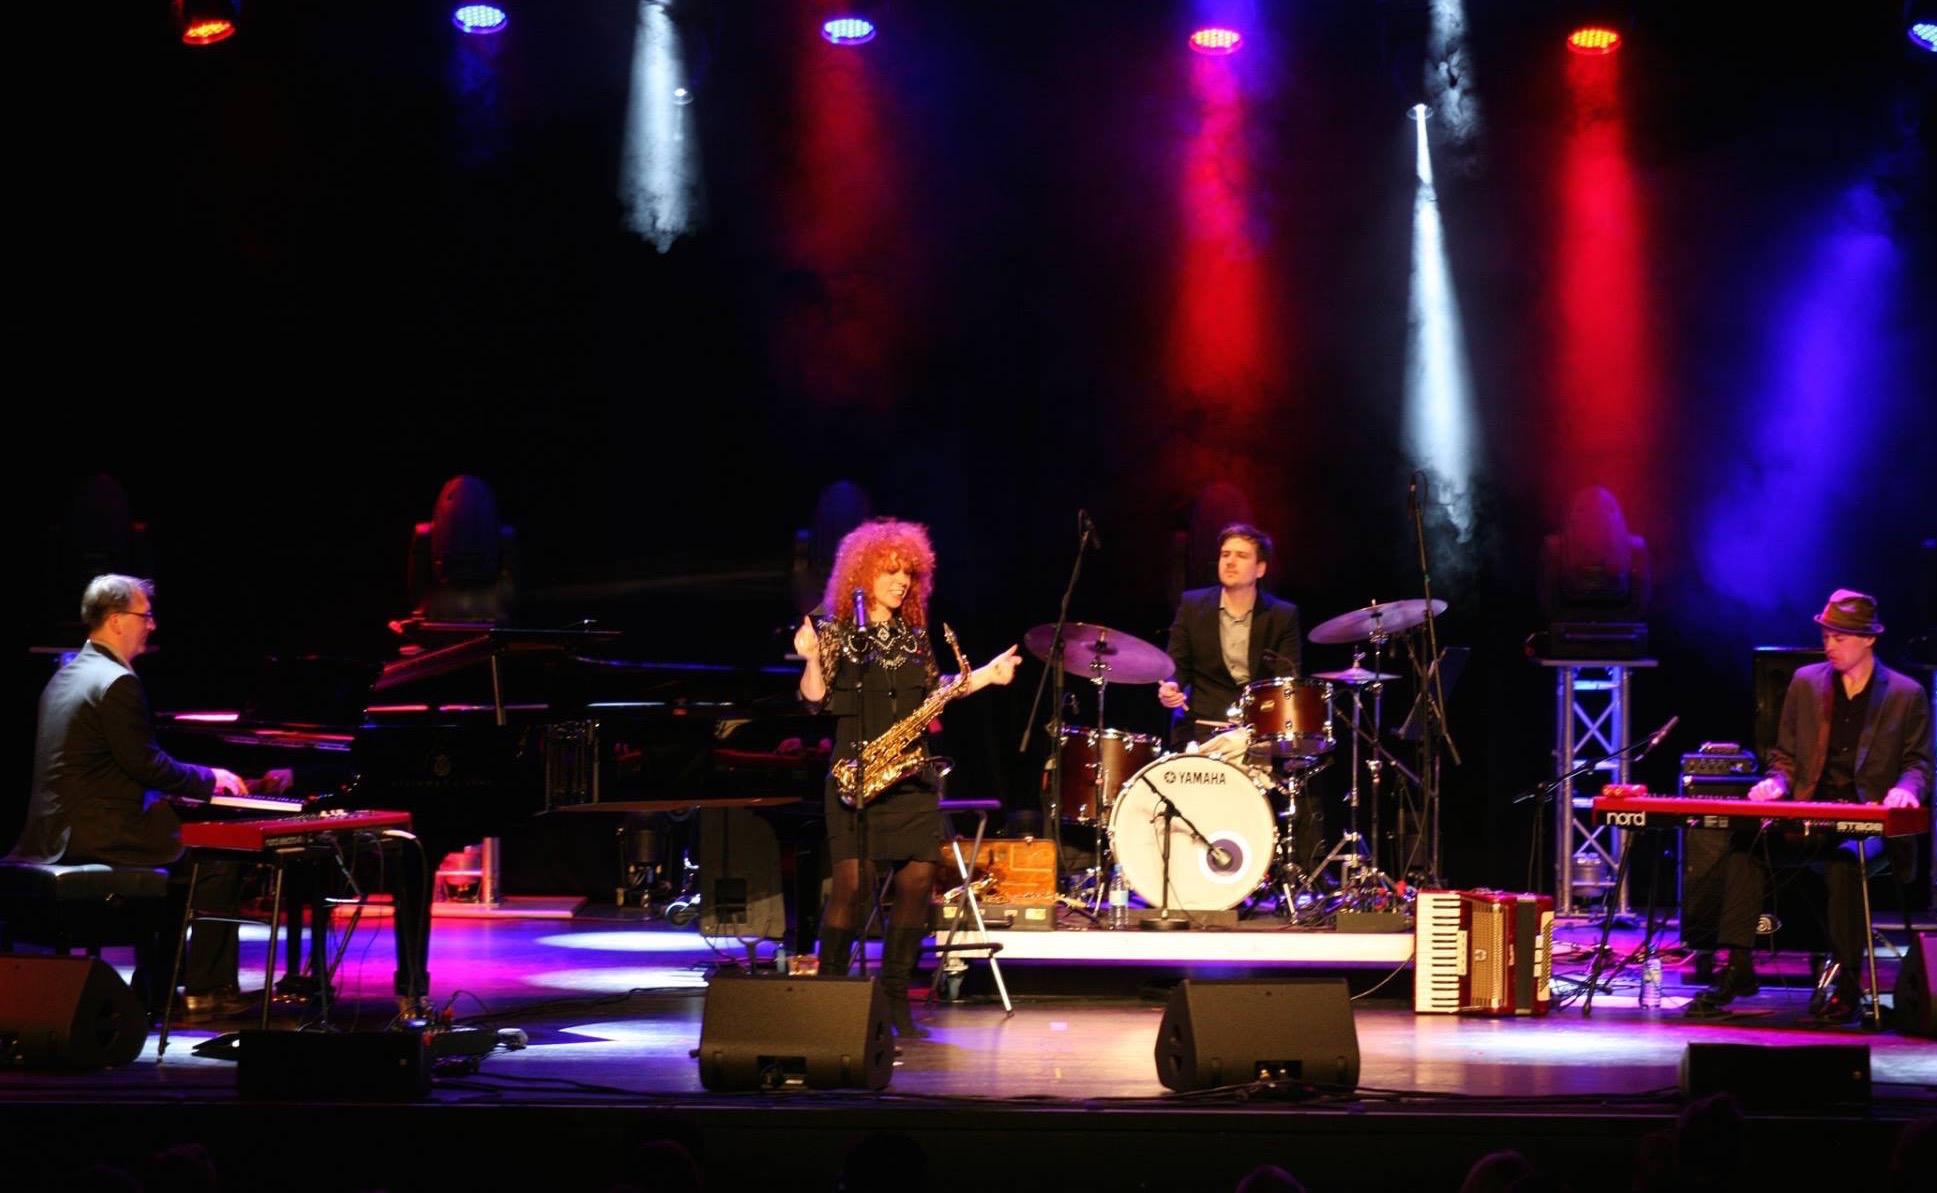 Tina Tandler @ Jazzfest Hamm 2016 (Foto: Pavel Konrad)